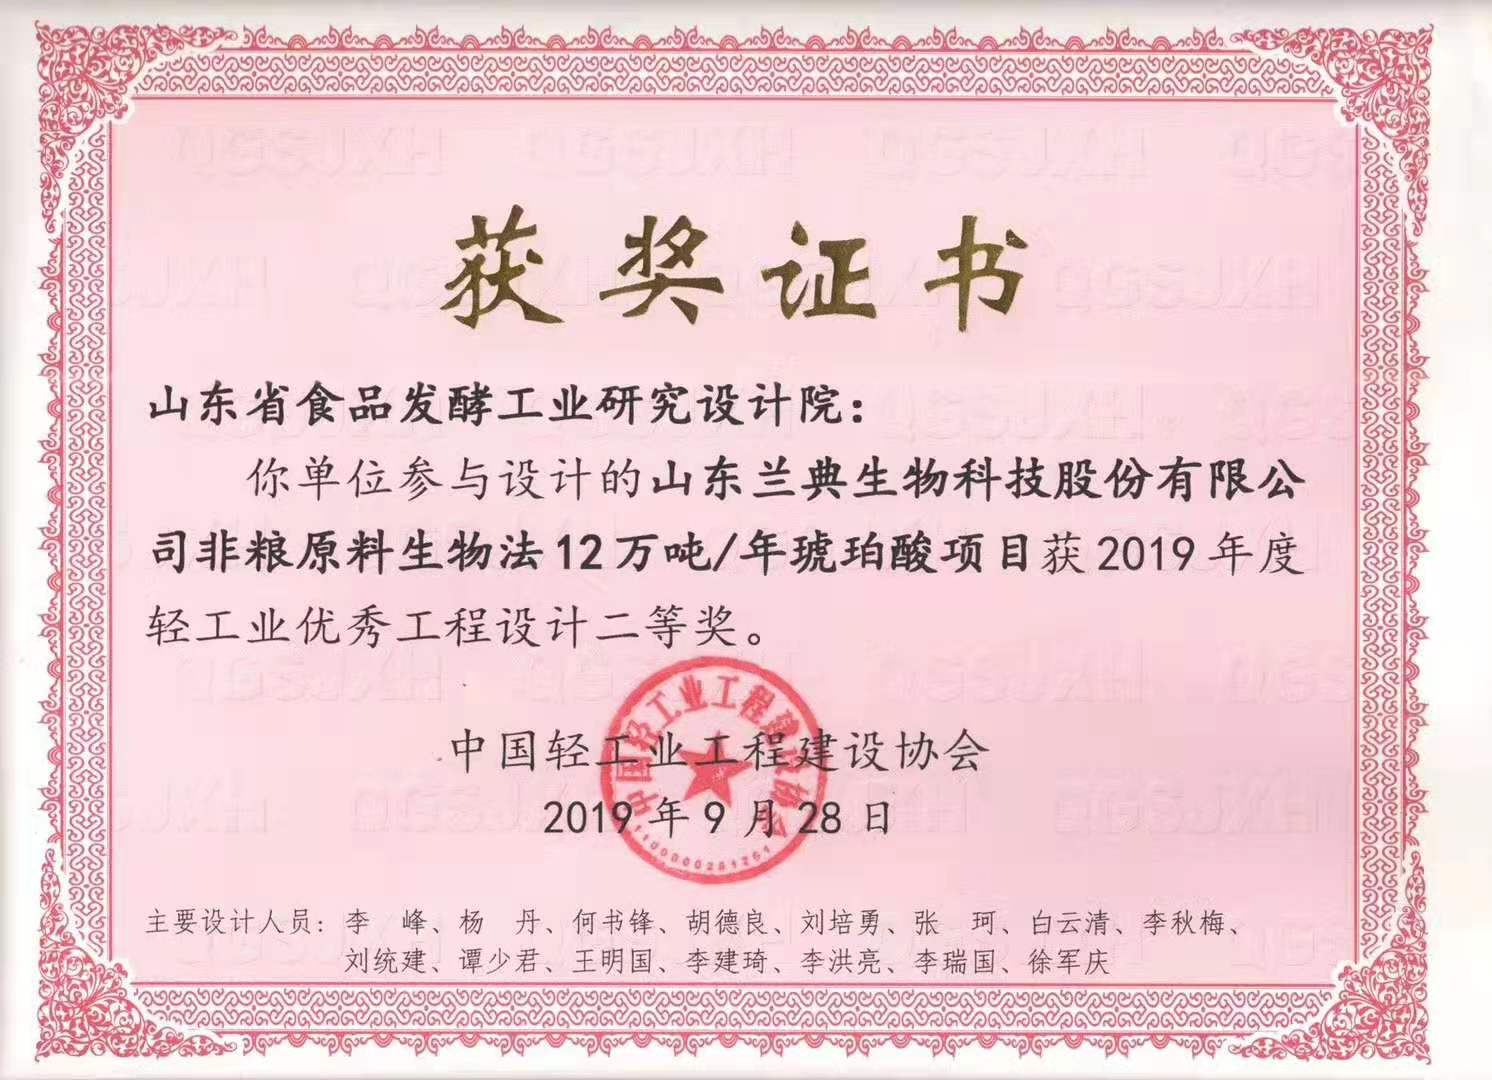 祝賀台湾食品發酵工業研究院獲得輕工業工程設計二等獎